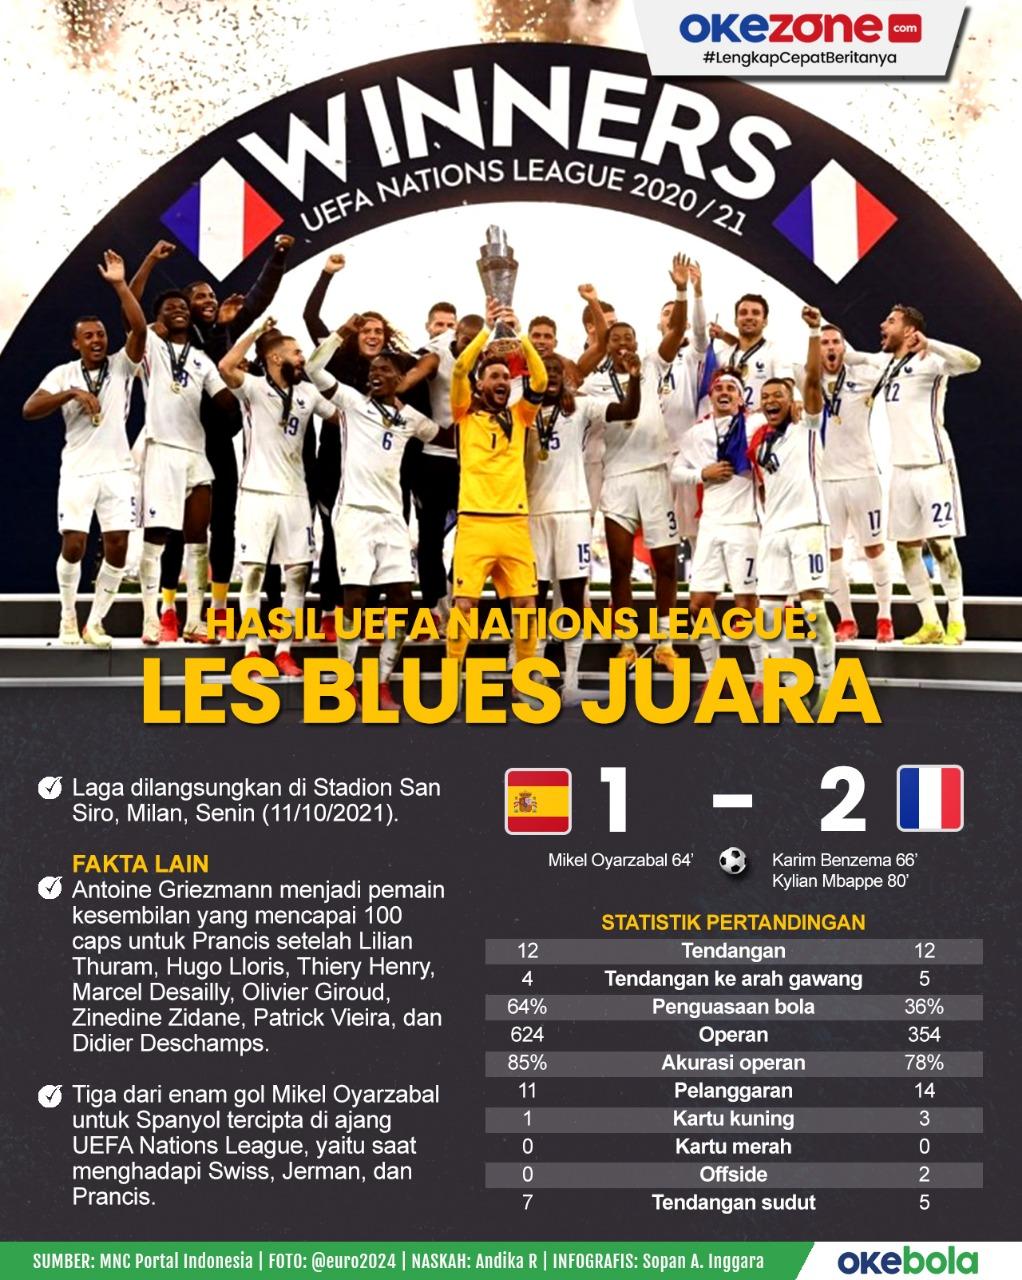 Hasil UEFA Nations League: Les Blues Juara -